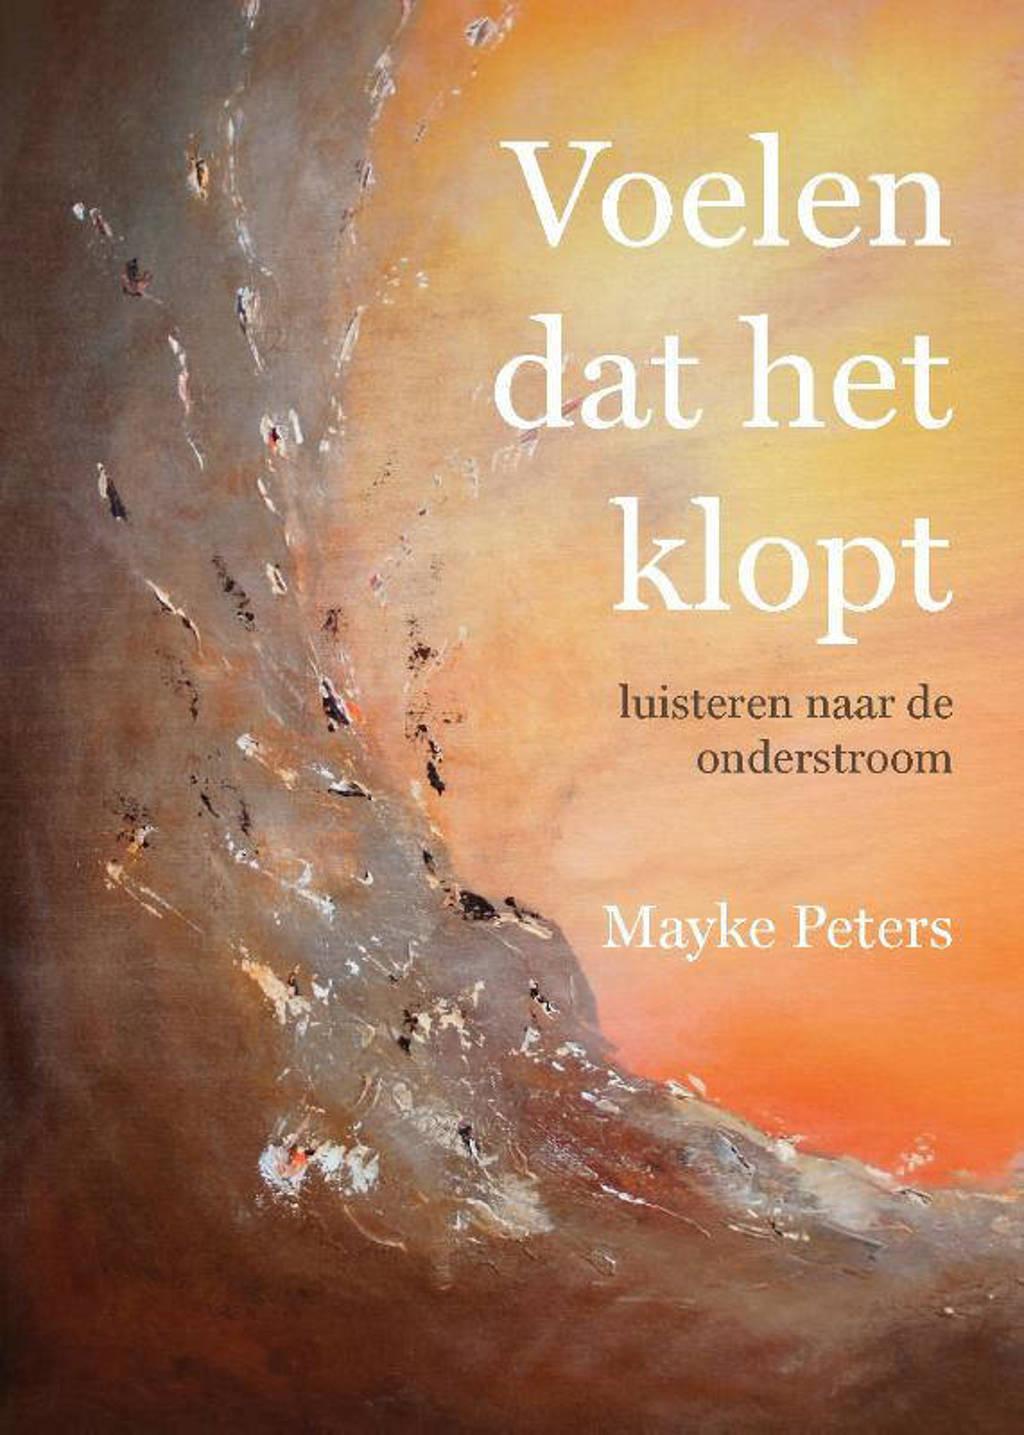 Voelen dat het klopt - Mayke Peters